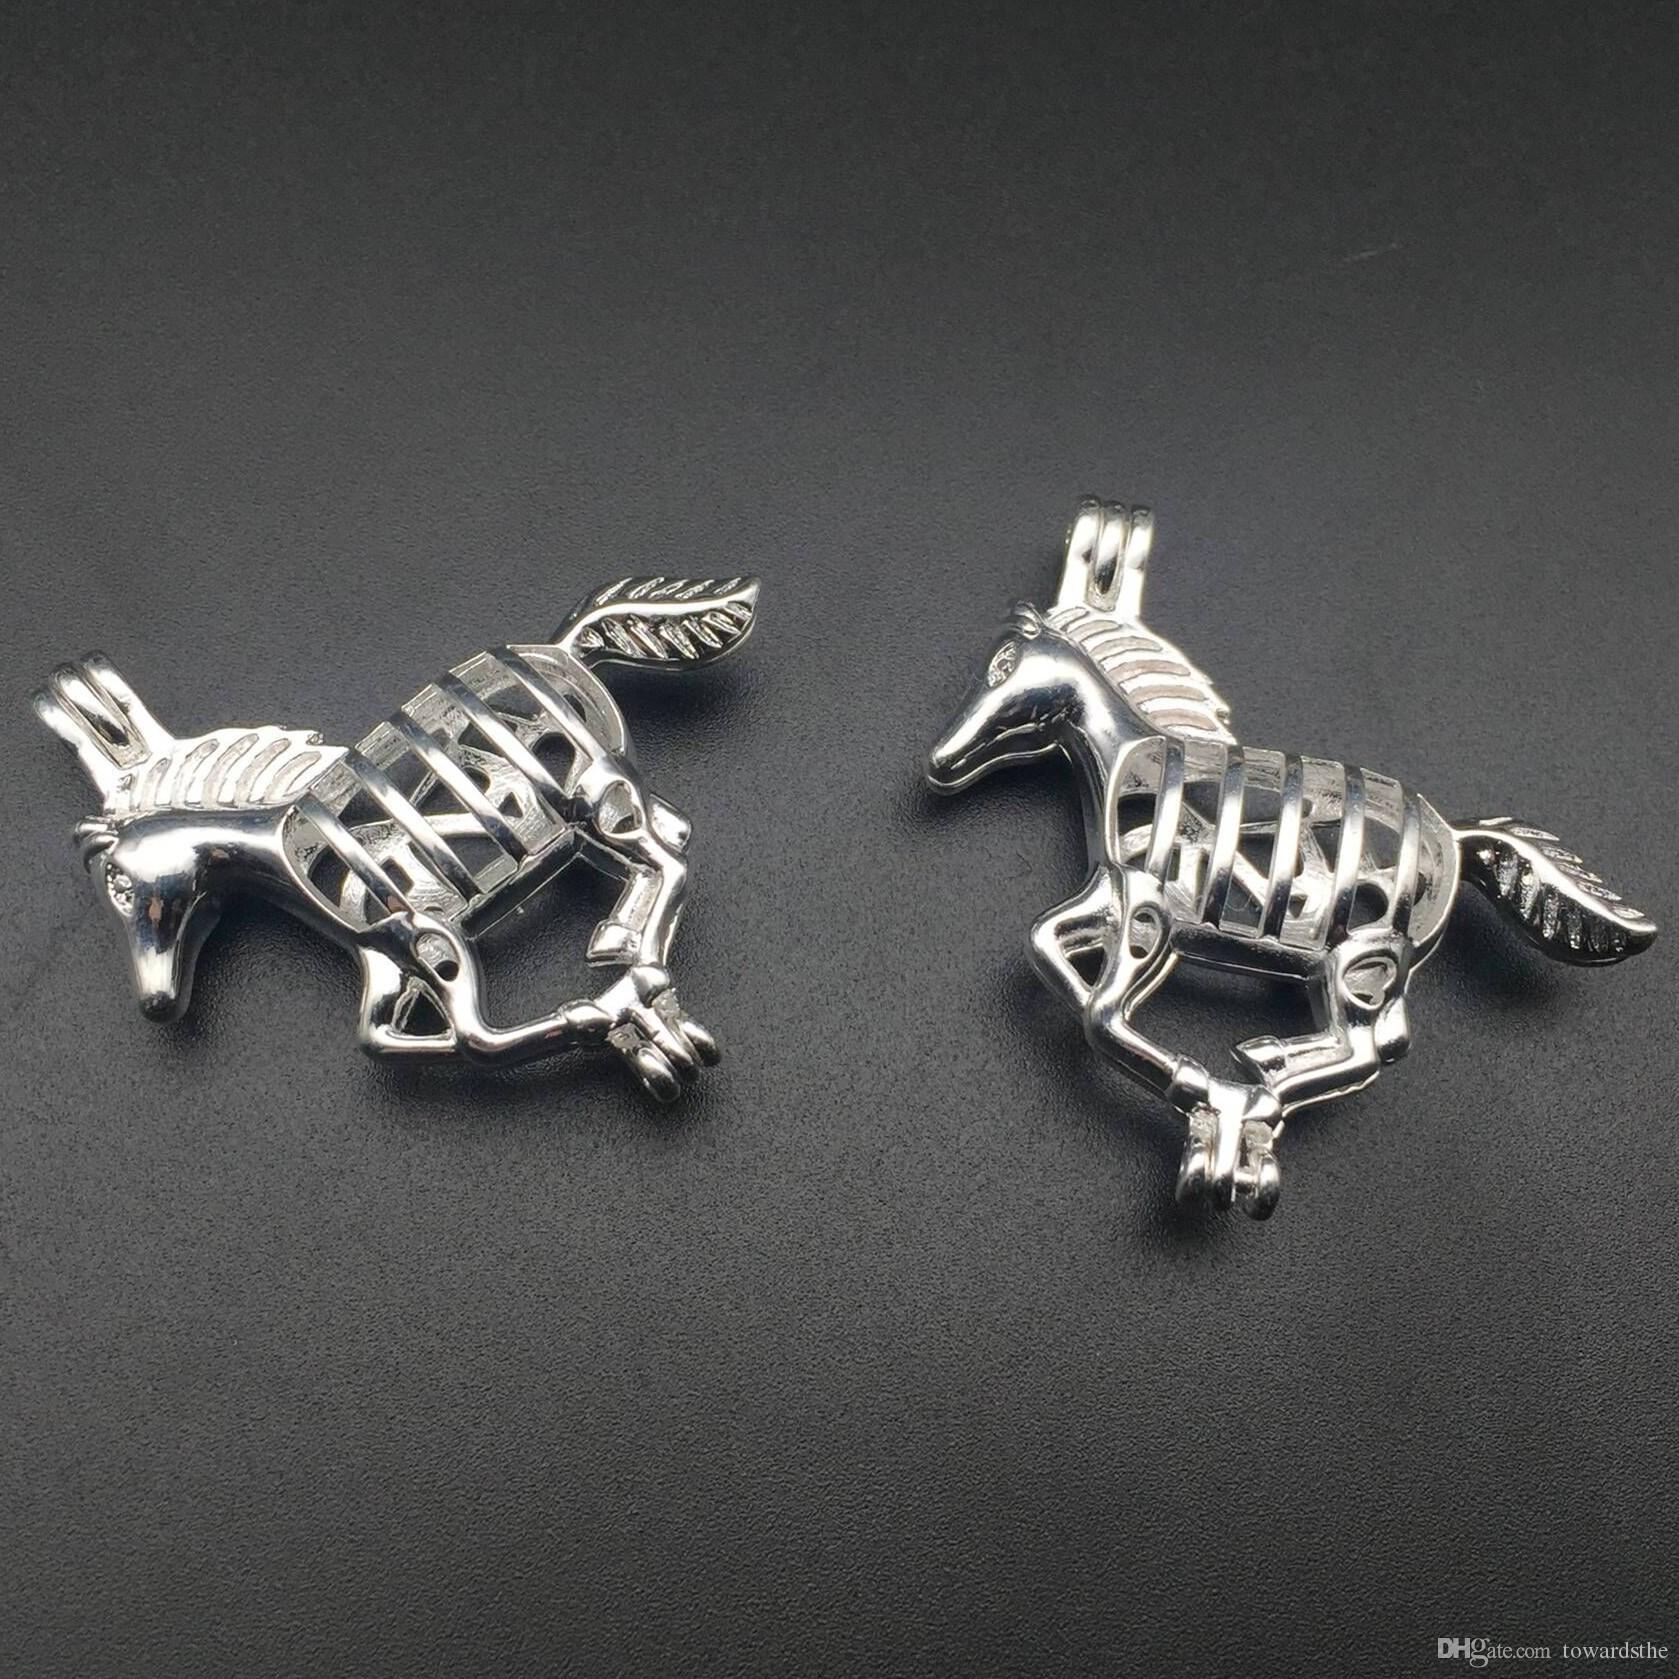 Pearl Cage Halskette Anhänger, ätherisches Öl Diffusor, Pferd versilbert fügen Sie Ihre eigene Perle, um es attraktiver zu machen